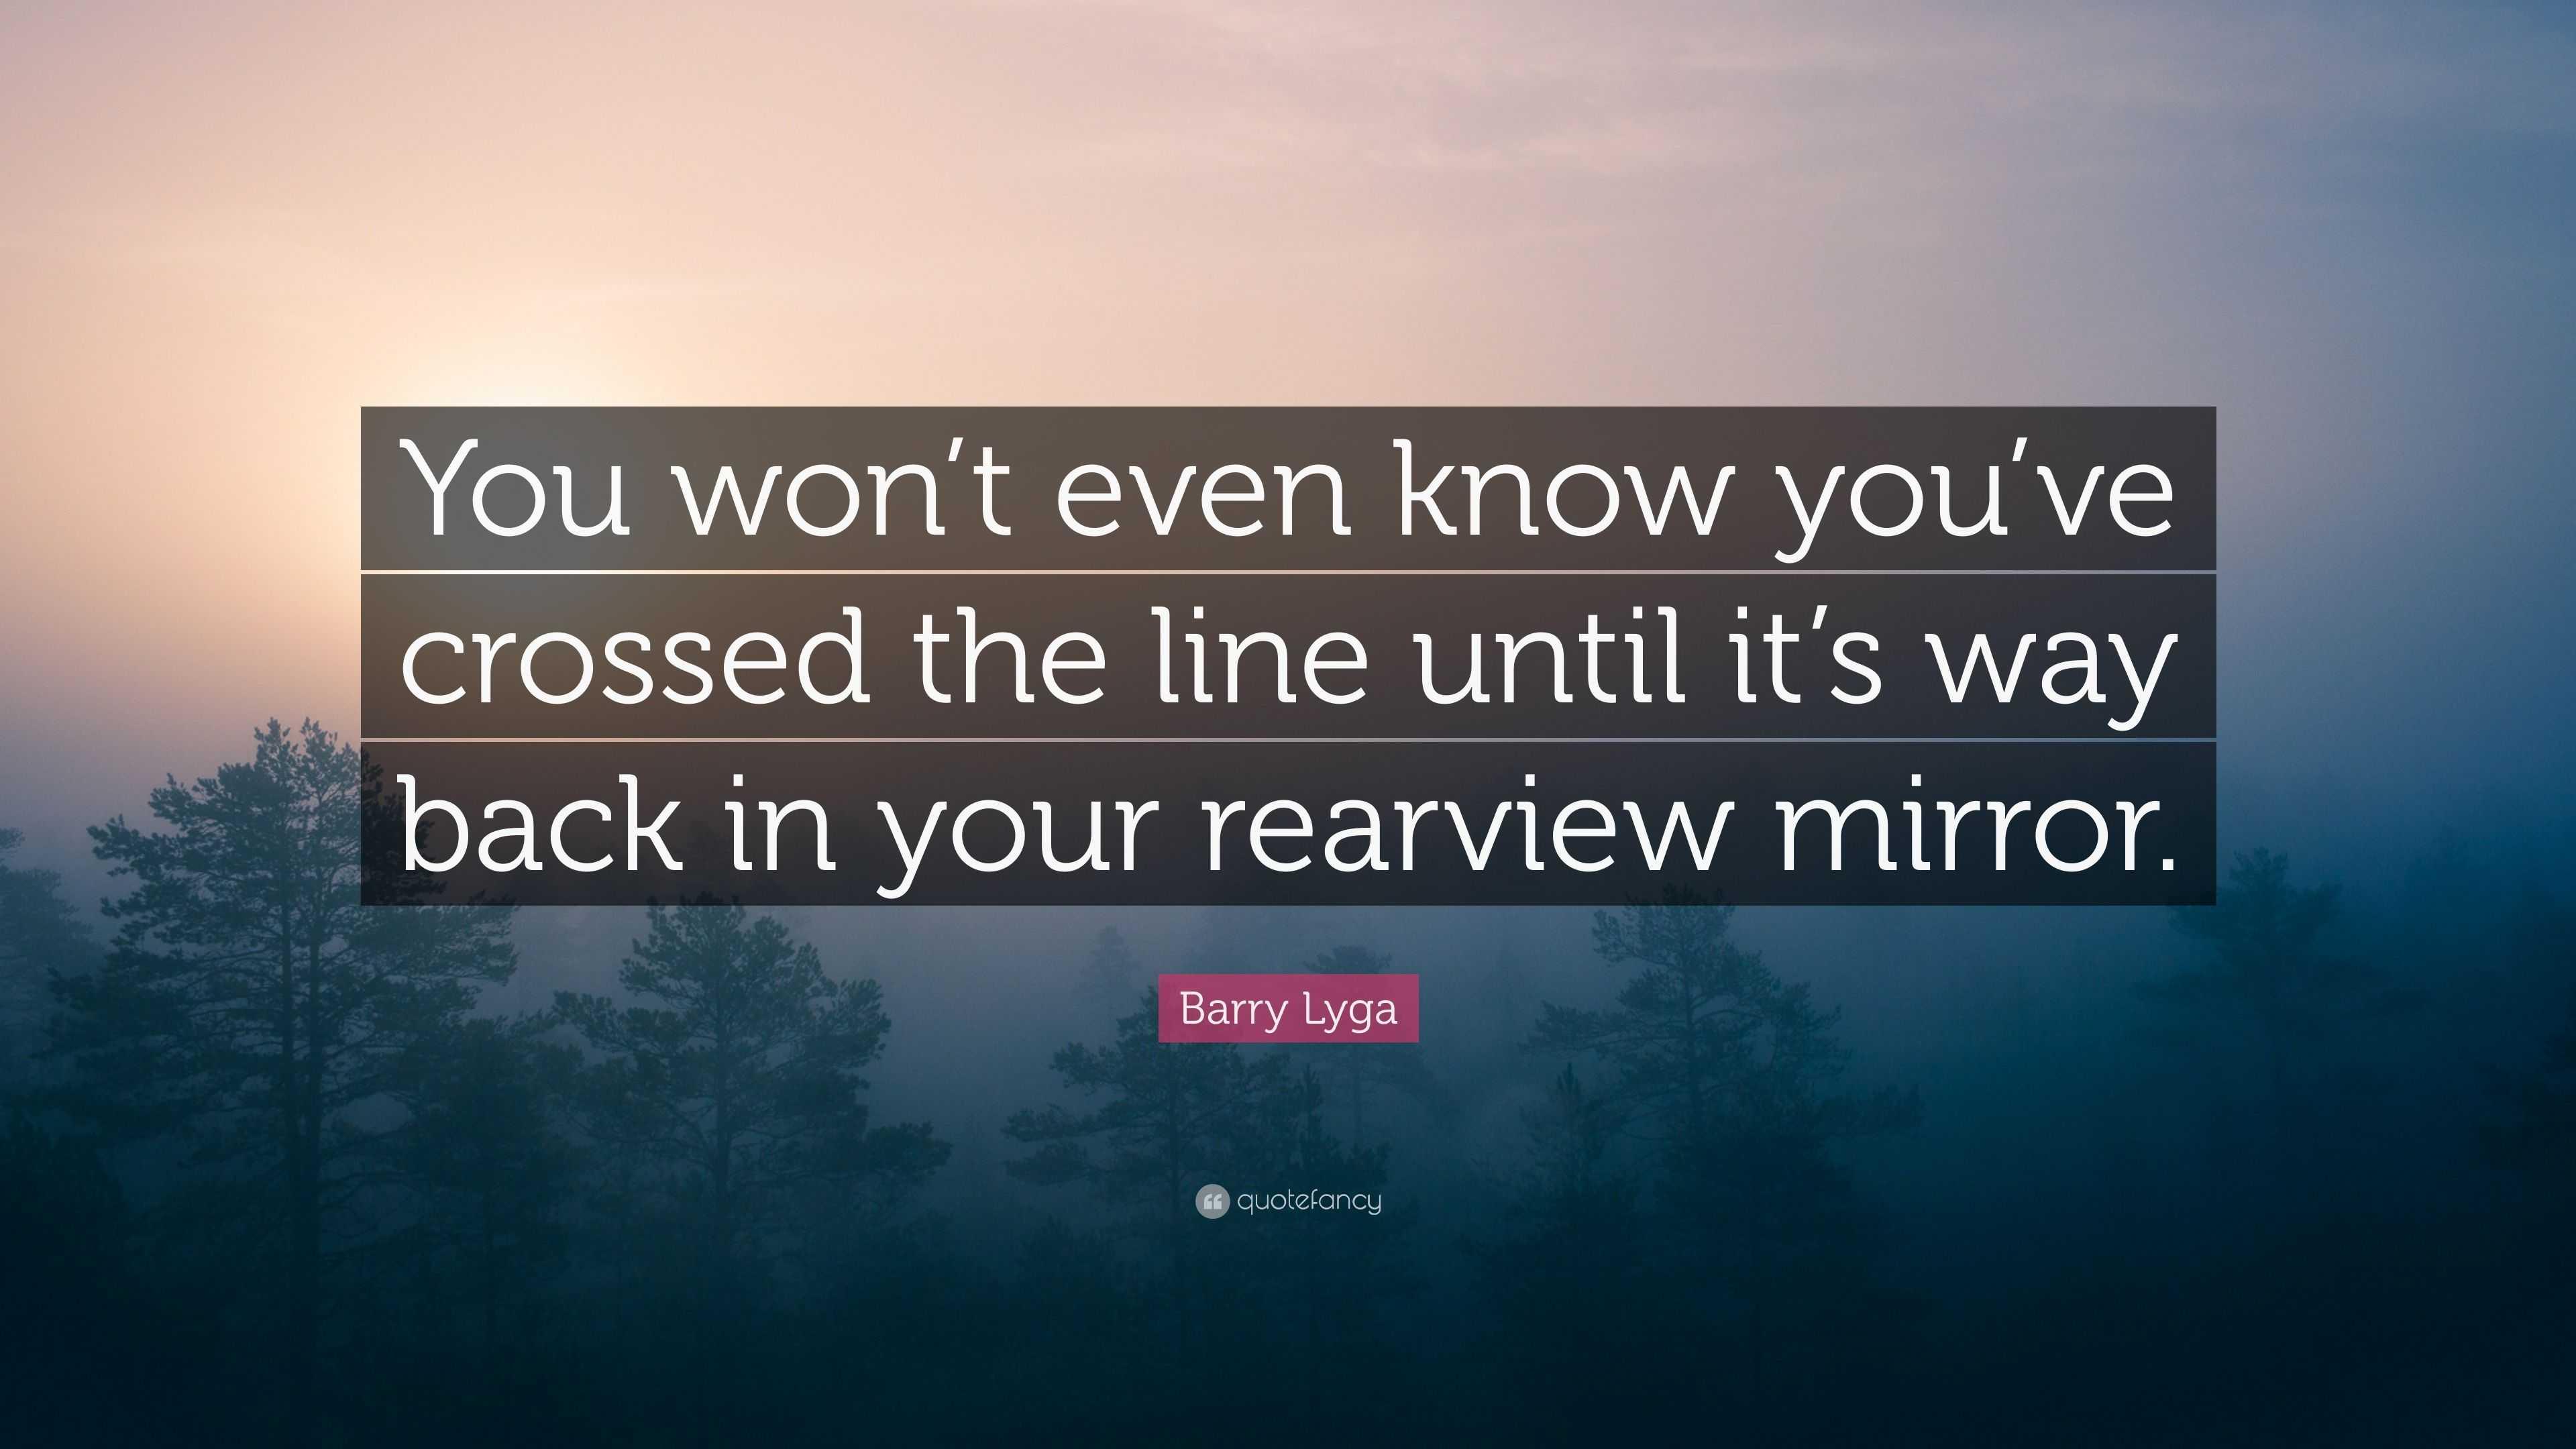 U crossed the line